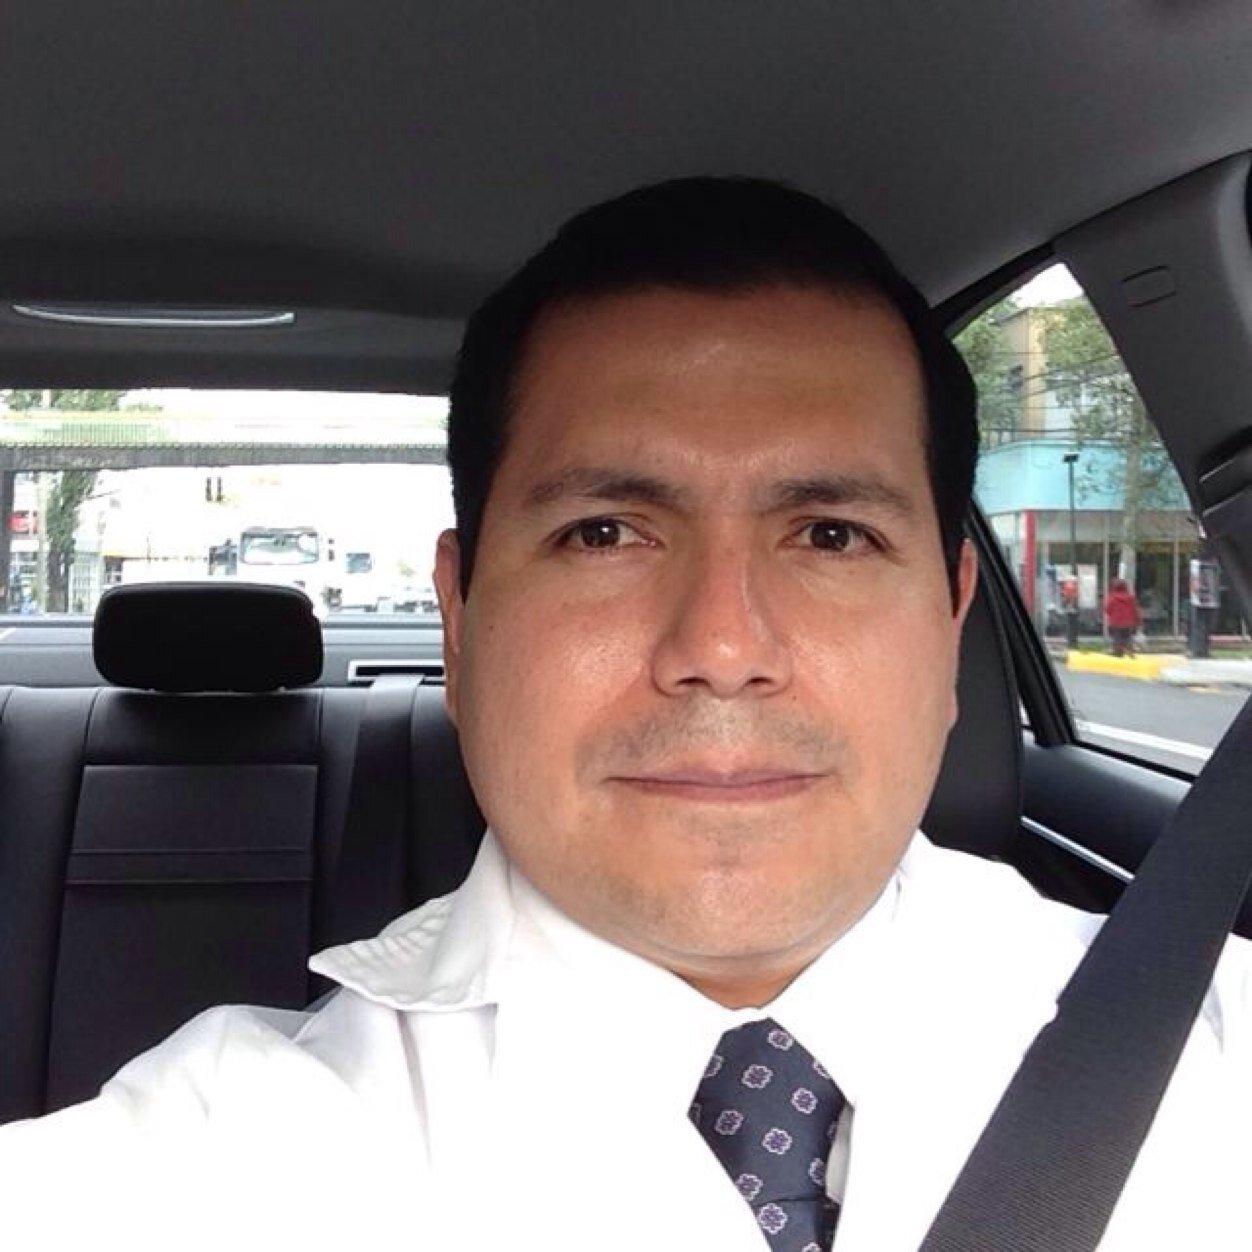 @michelamaury